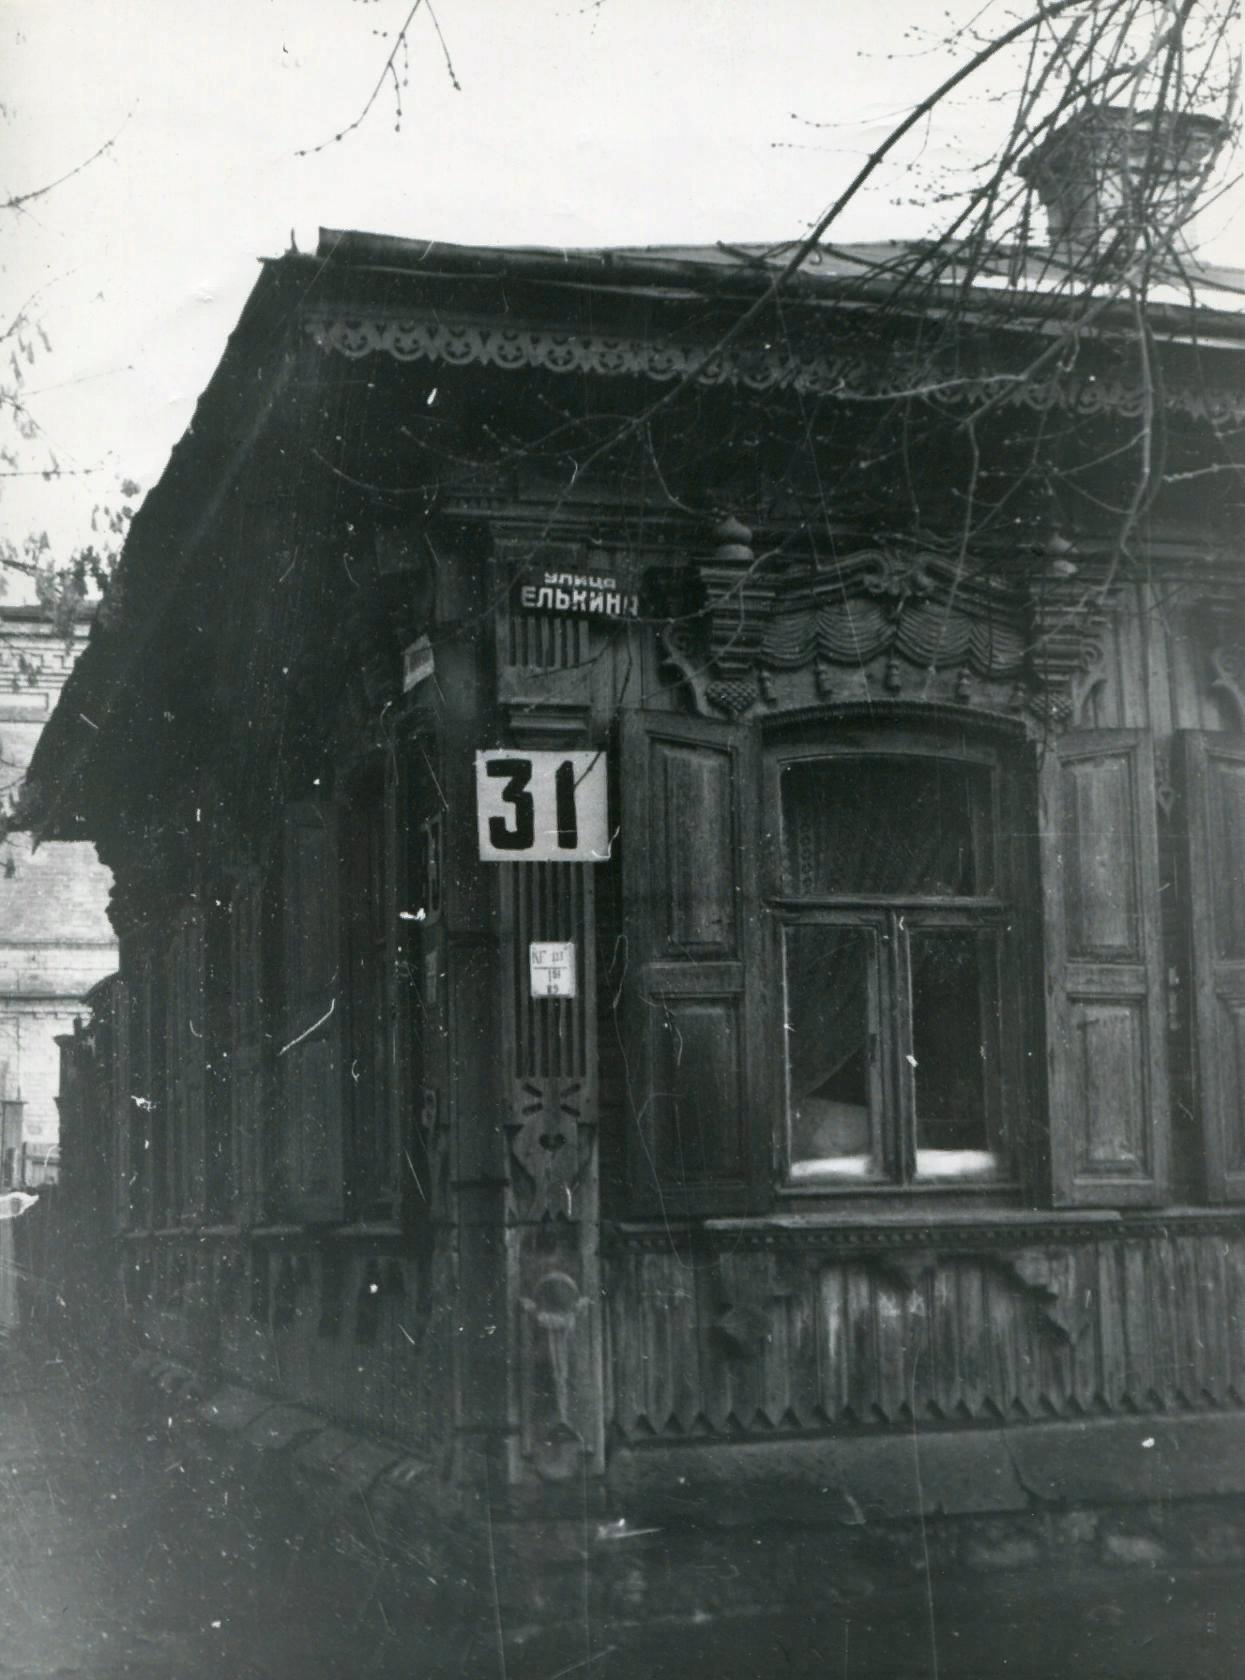 Угловой фасад, выходящий на улицы Елькина и Коммуны. ОГАЧО. Ф.Р-1845. Оп.2. Д.42.